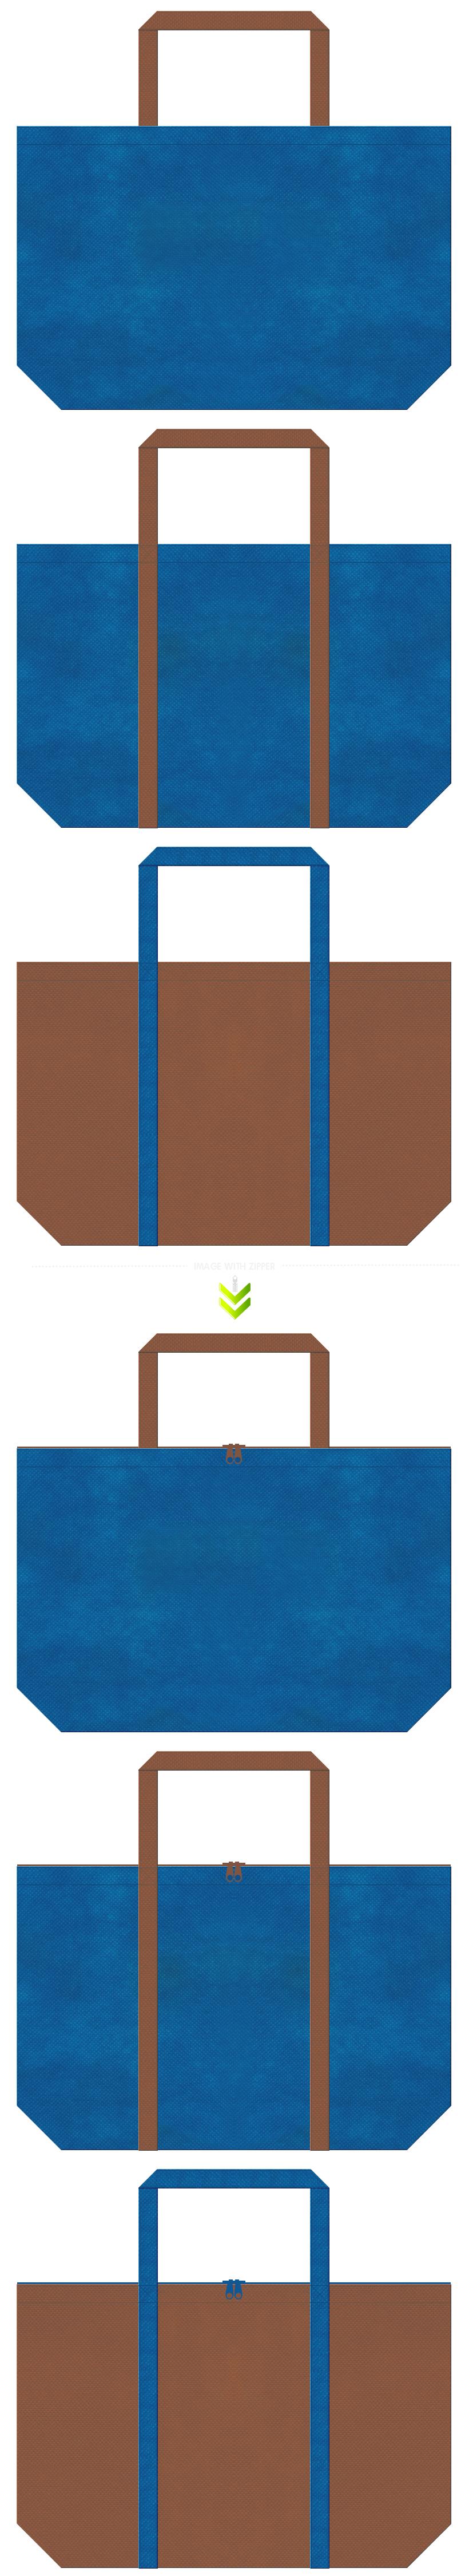 水資源・CO2削減・環境イベント・地球・ロールプレイングゲームの展示会用バッグにお奨めの不織布バッグデザイン:青色と茶色のコーデ